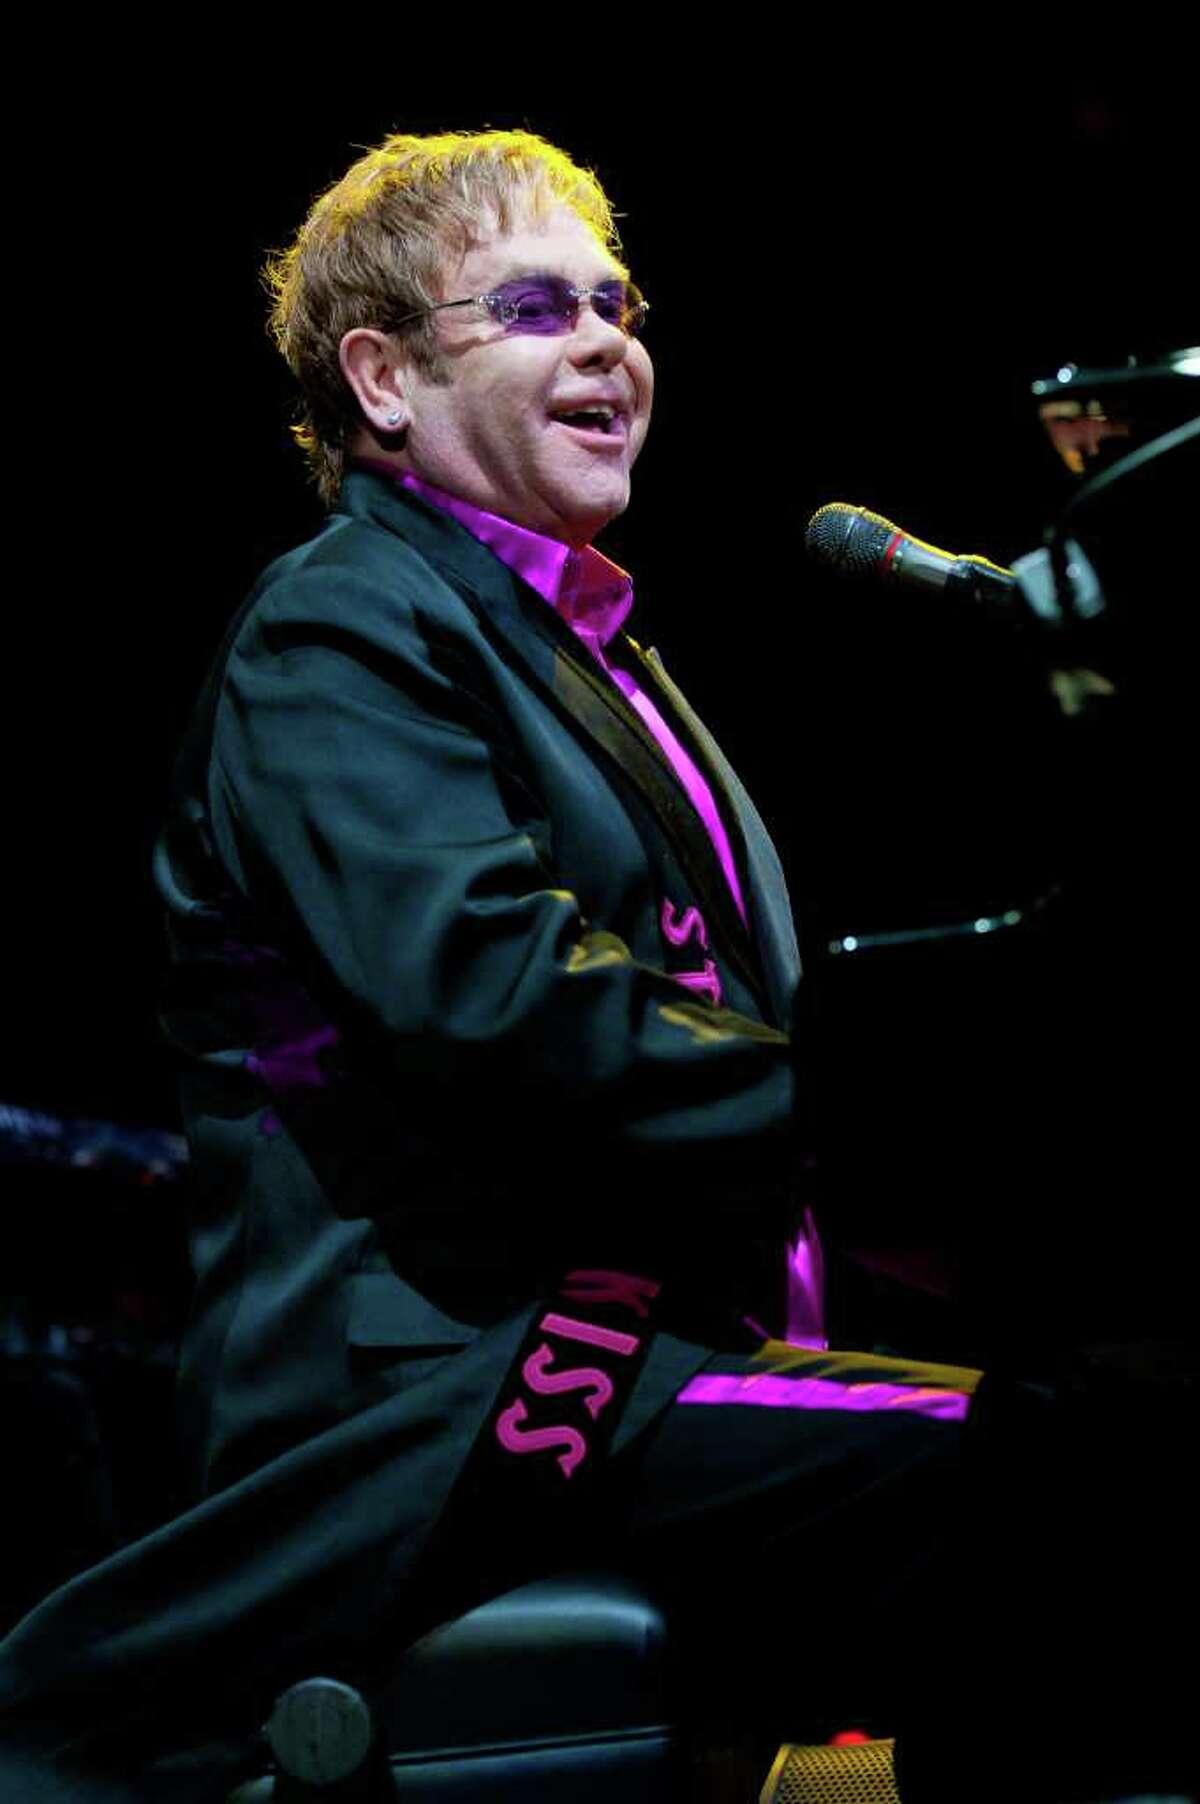 3- Elton John ($100 million)